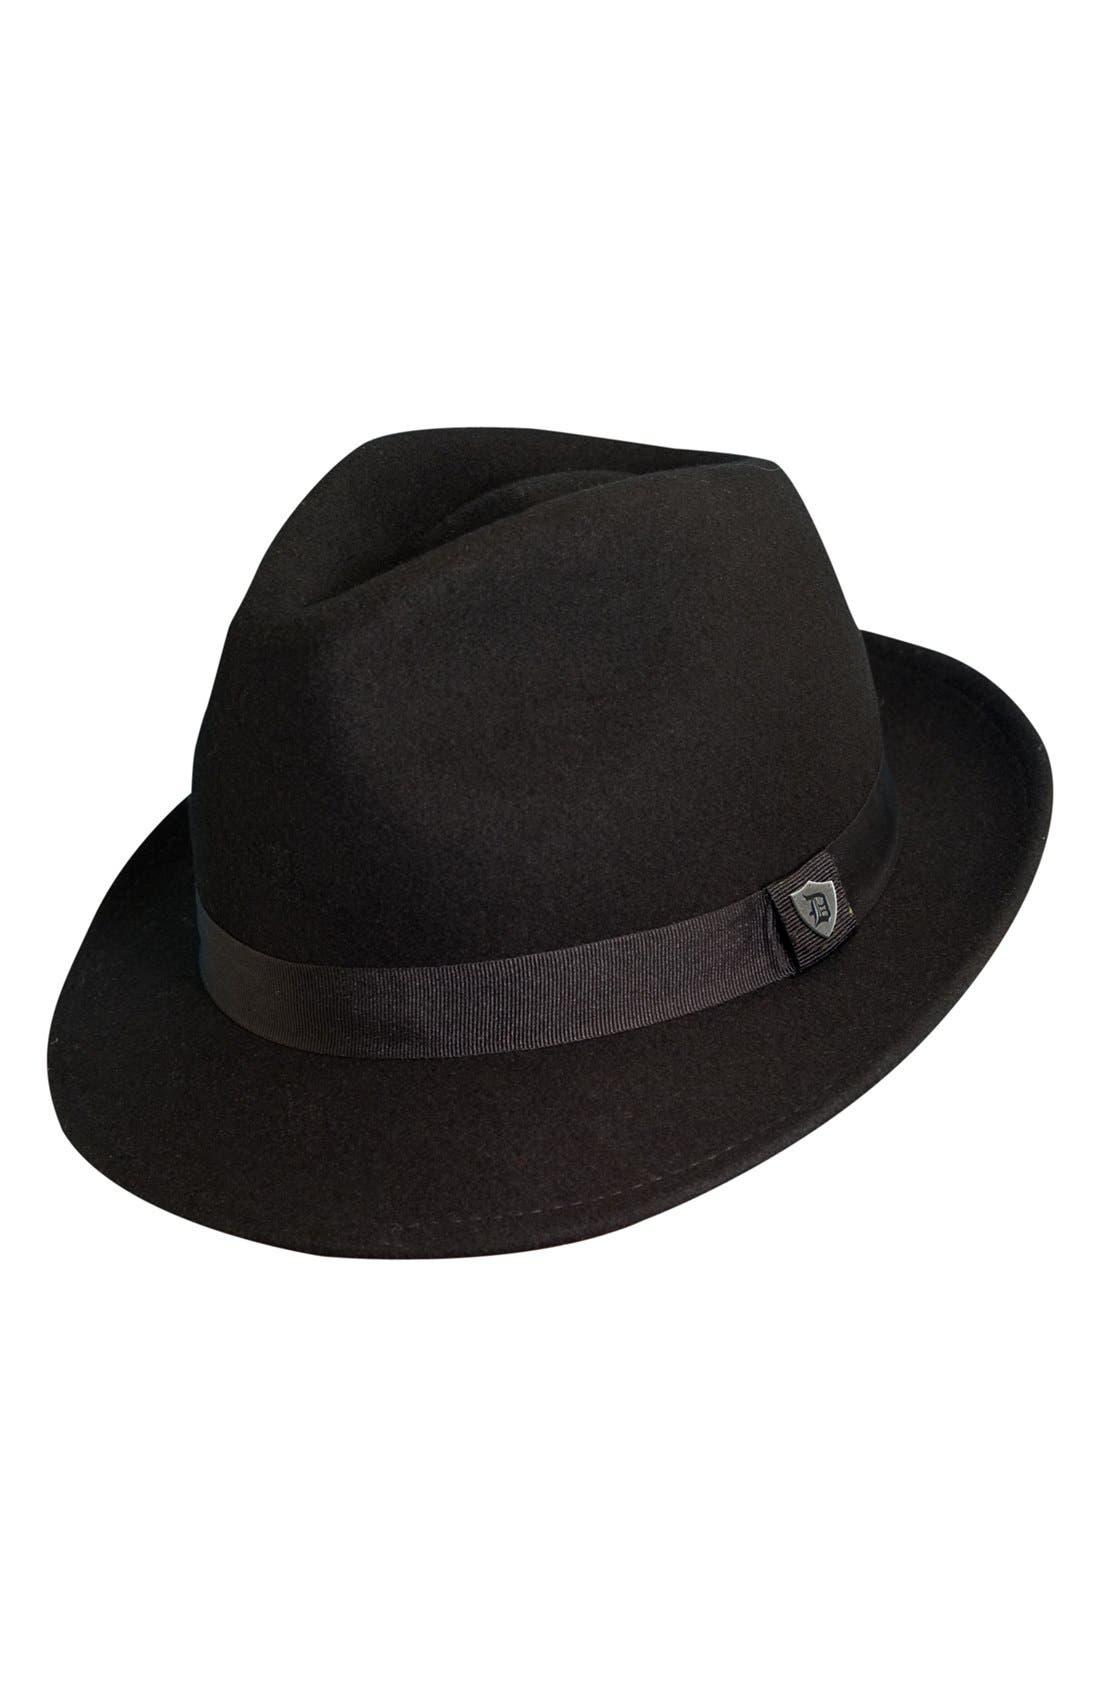 You're in Men's Hats